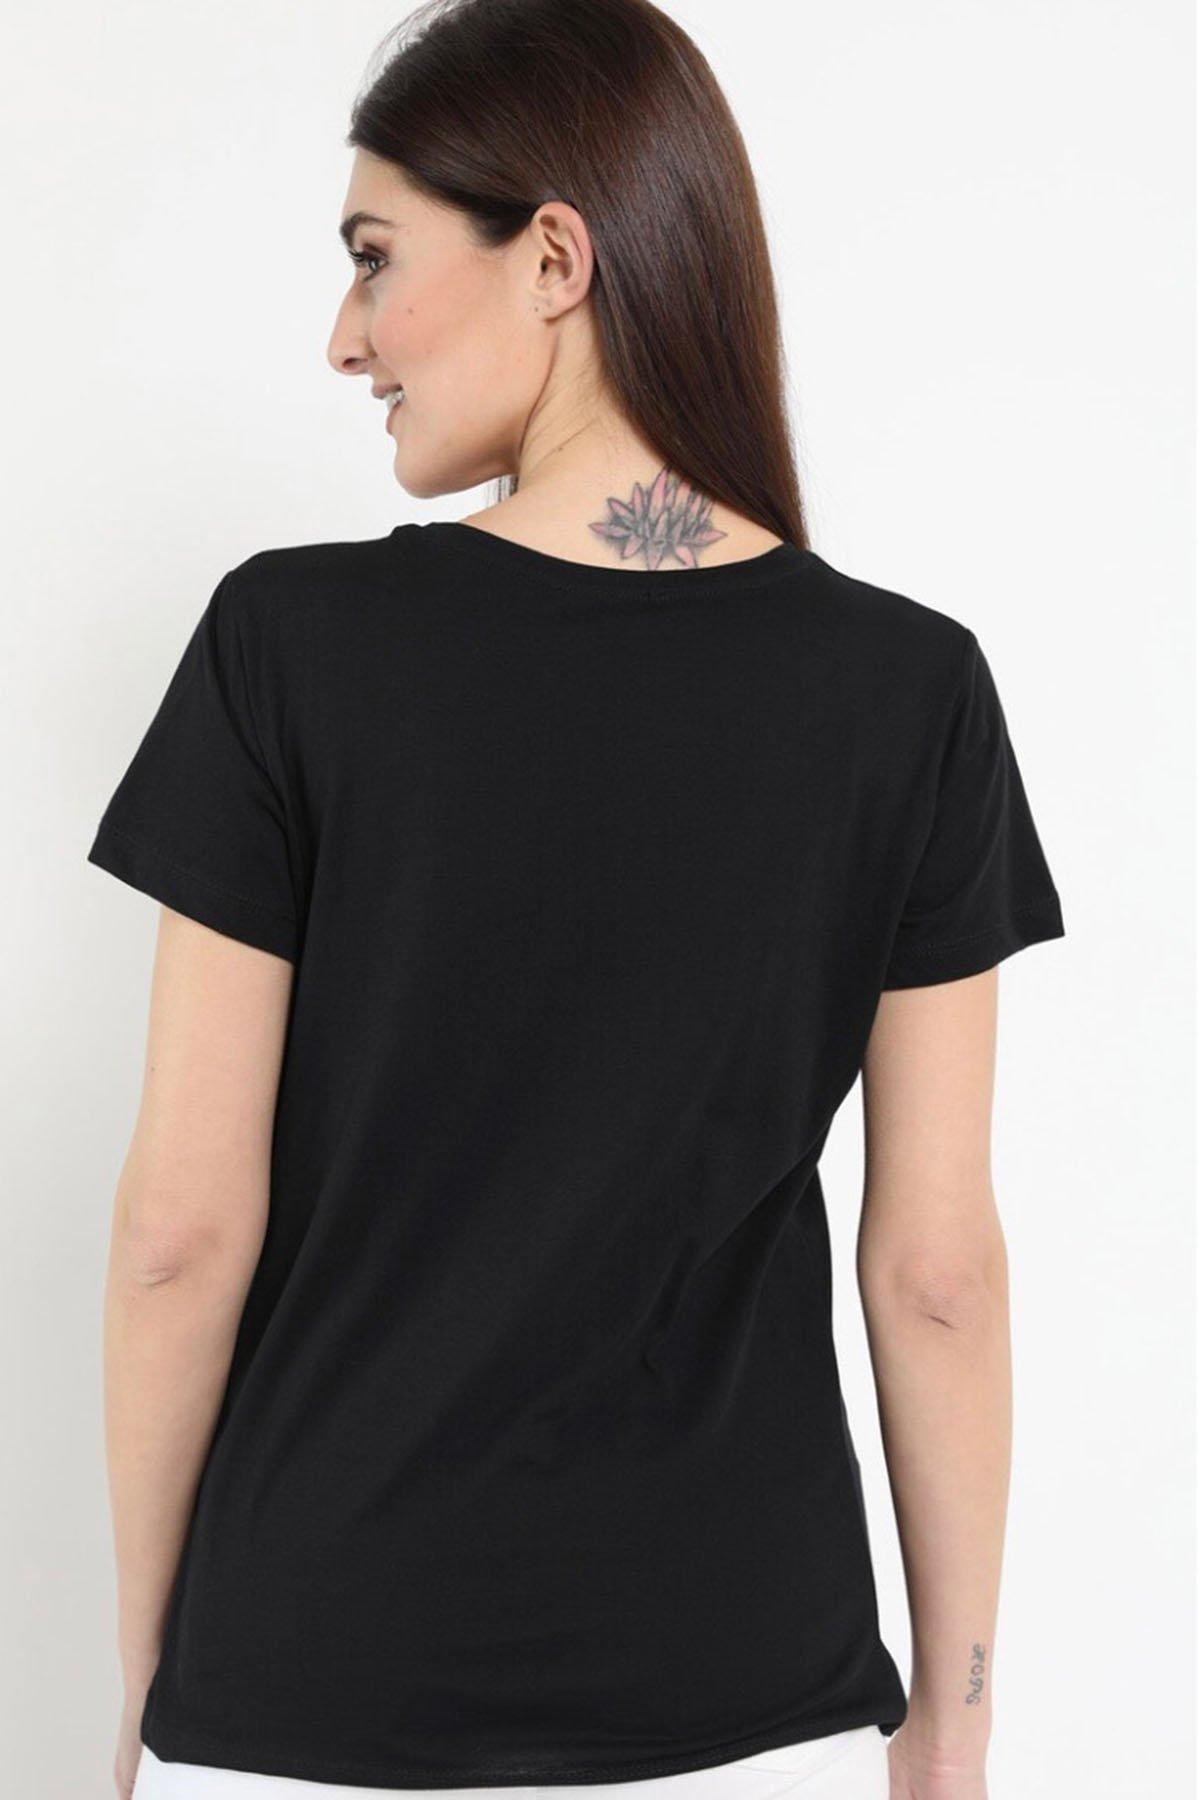 Taş İşlemeli Baskılı T-shirt